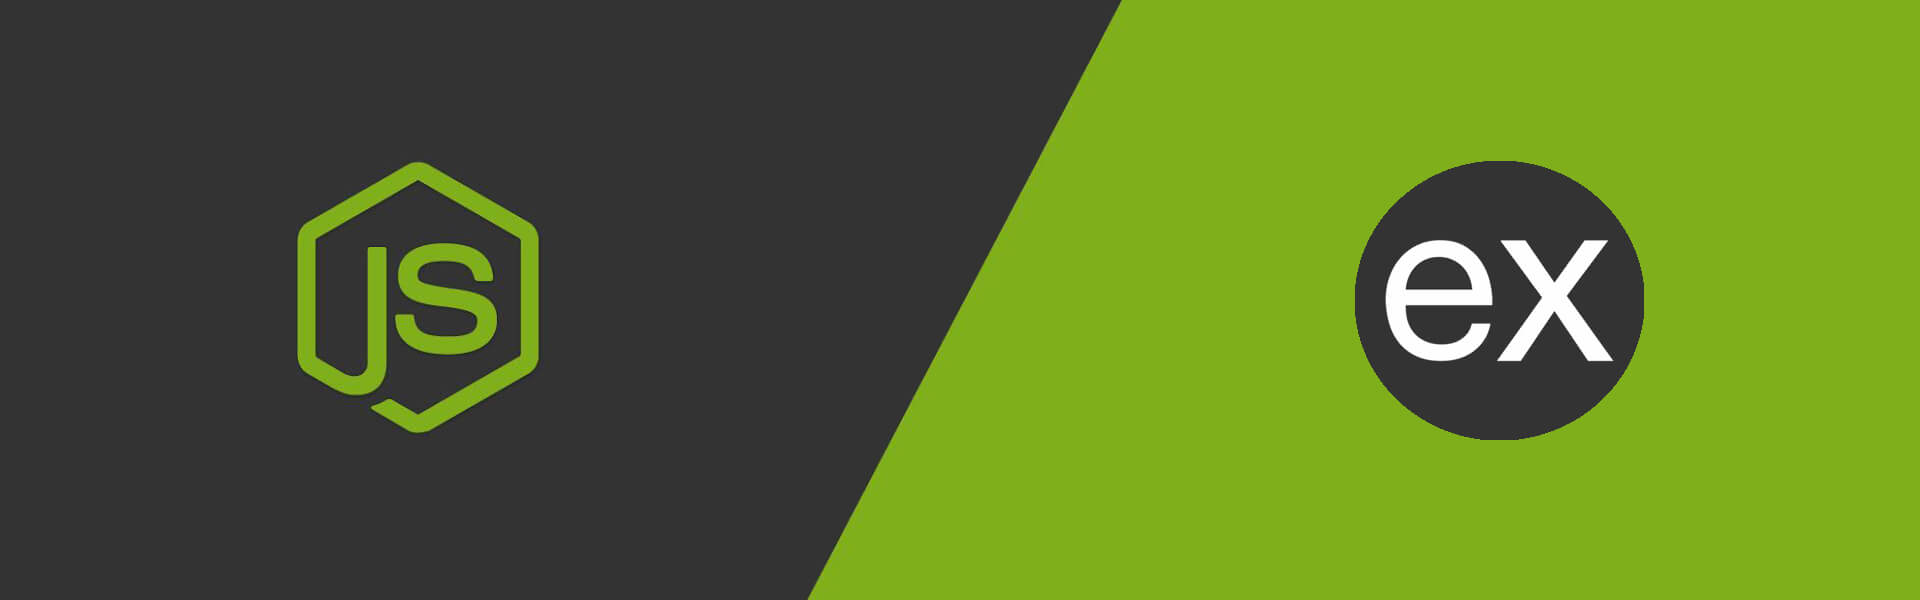 Curso gratis Backend: Node.js + Express